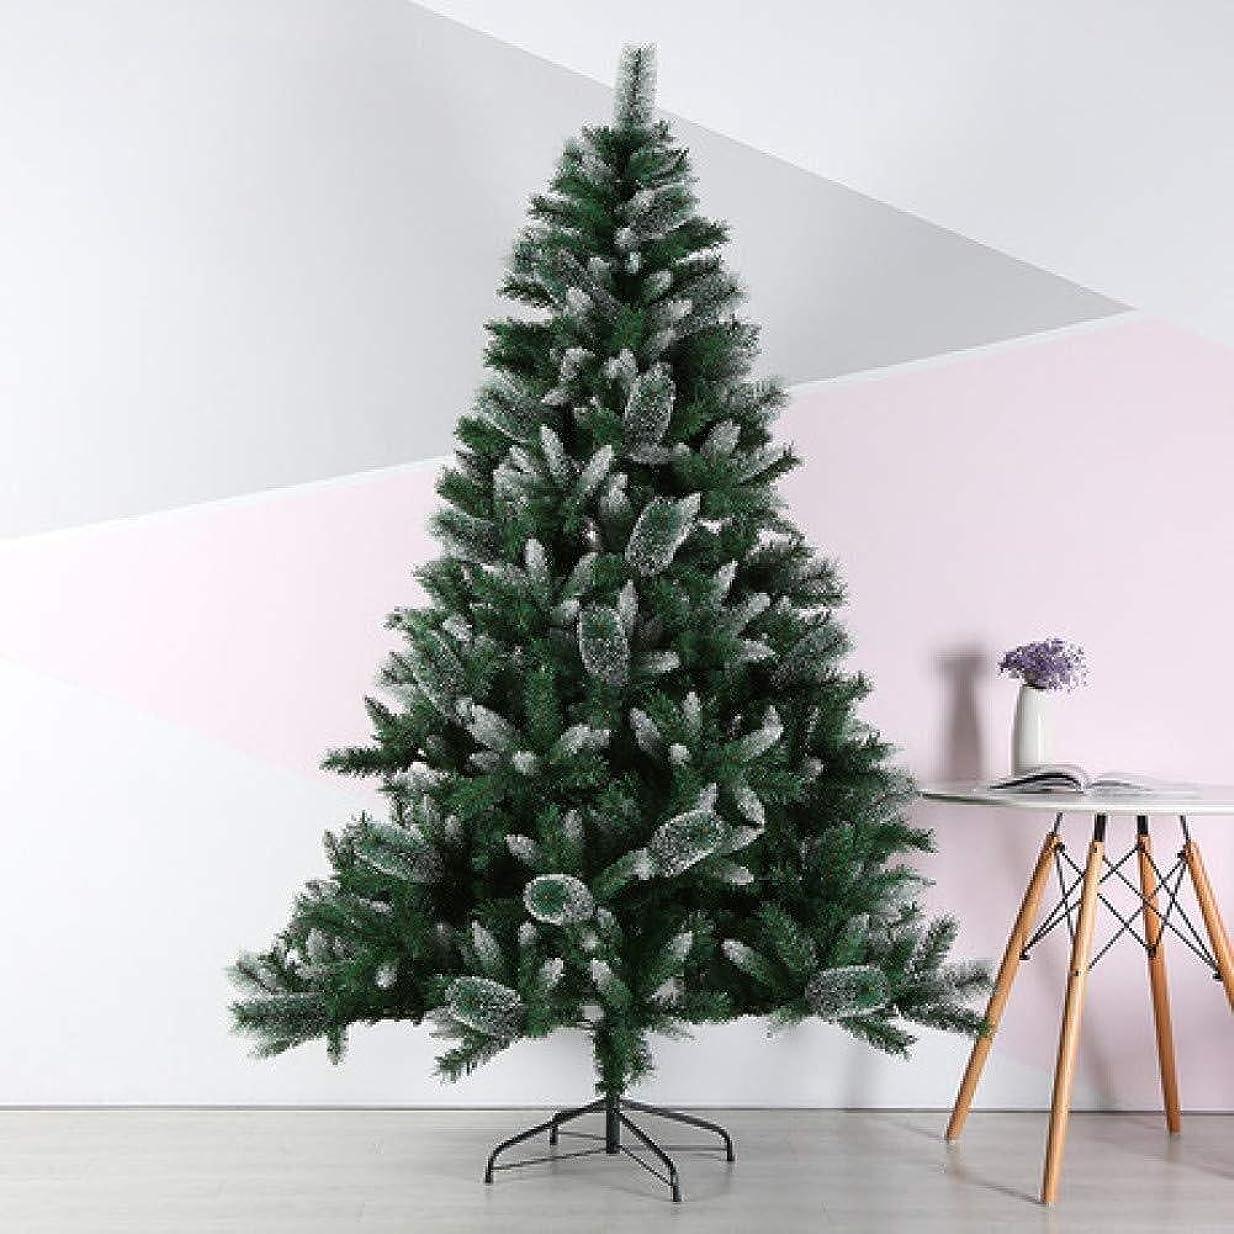 悪名高い市民皮肉なLAOHAO お祝いのパーティークリスマスツリー210Cmホワイト雪の結晶クリスマスツリーの装飾クリスマスツリー ワンタイムデコレーション (Color : Green)